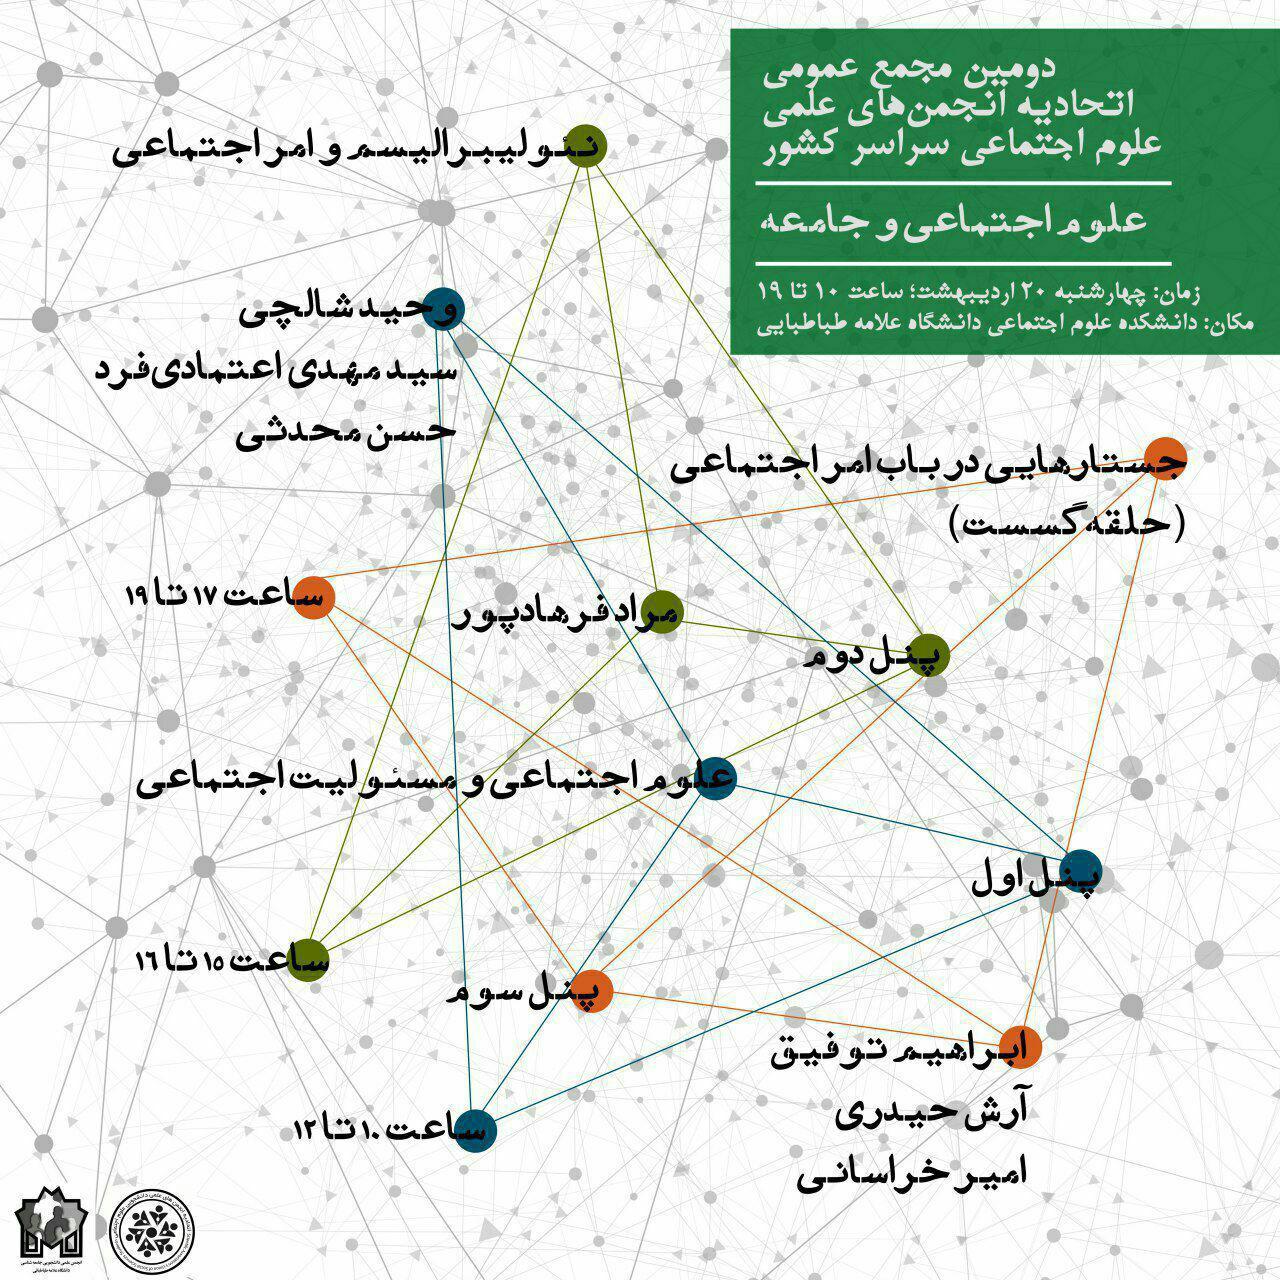 برگزاری مجمع عمومی اتحادیه انجمنهای علوم اجتماعیزمان مطالعه: ۱ دقیقه